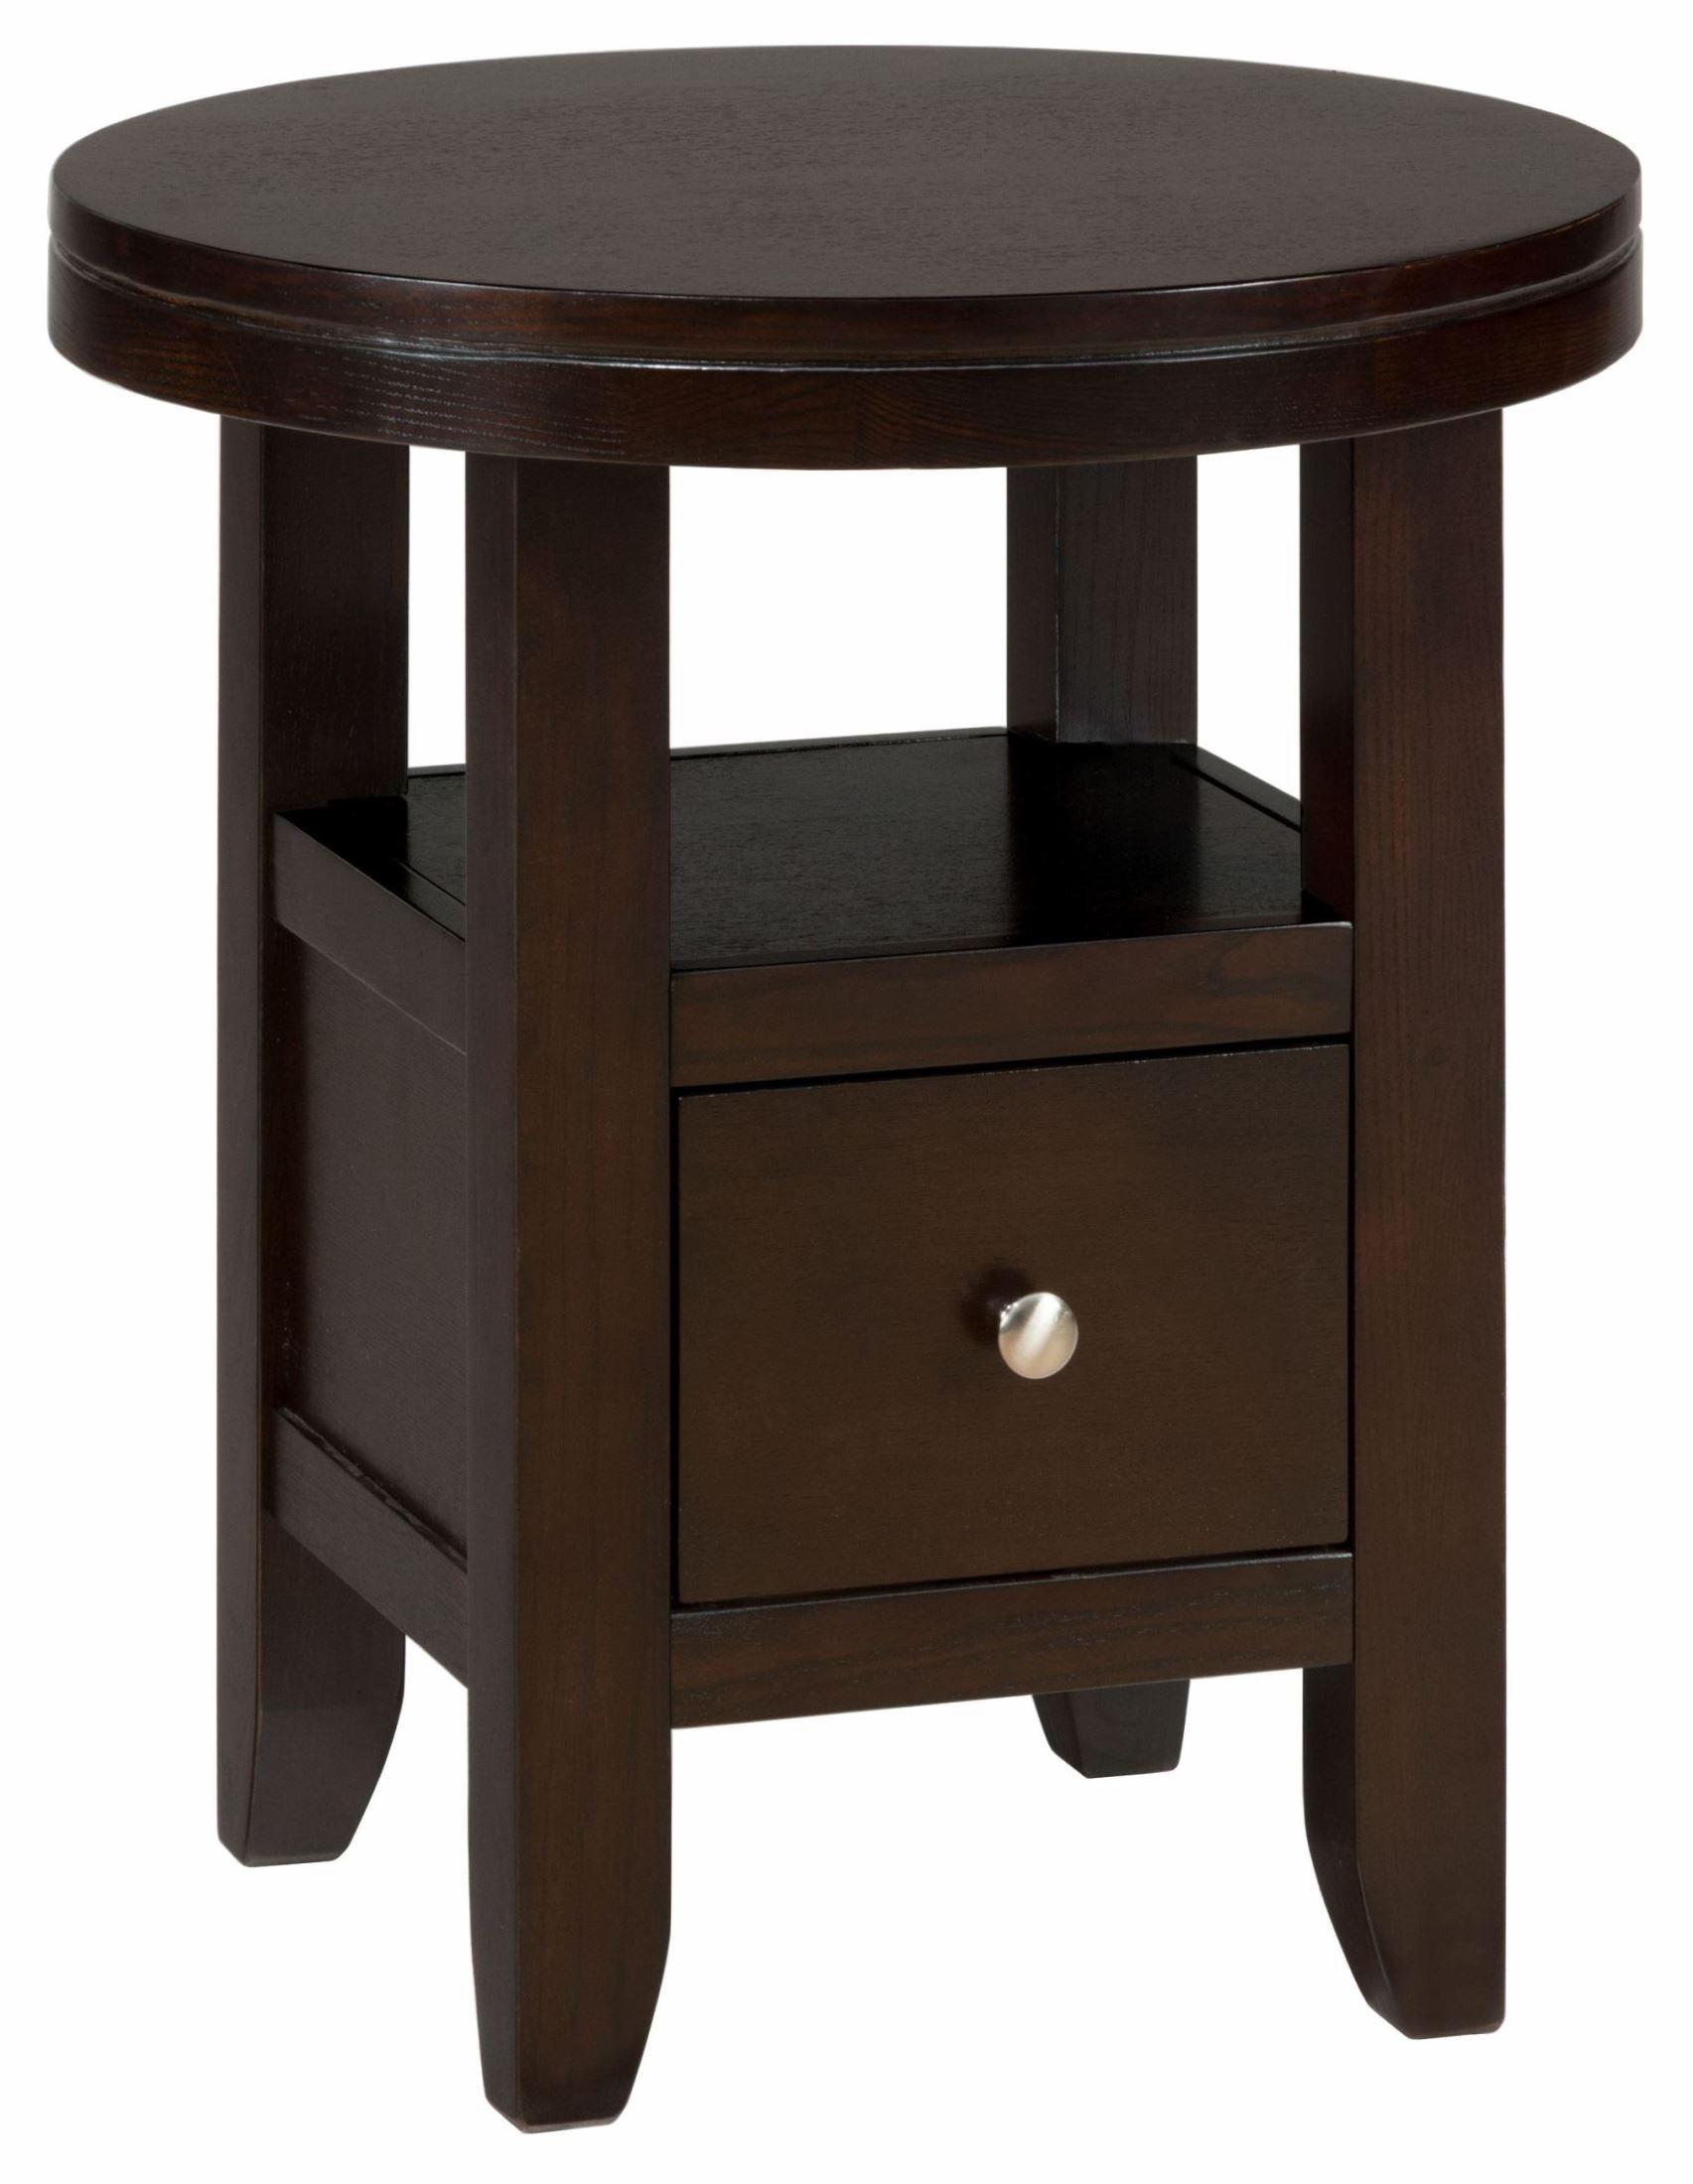 marlon wenge round end table 091 6 jofran. Black Bedroom Furniture Sets. Home Design Ideas